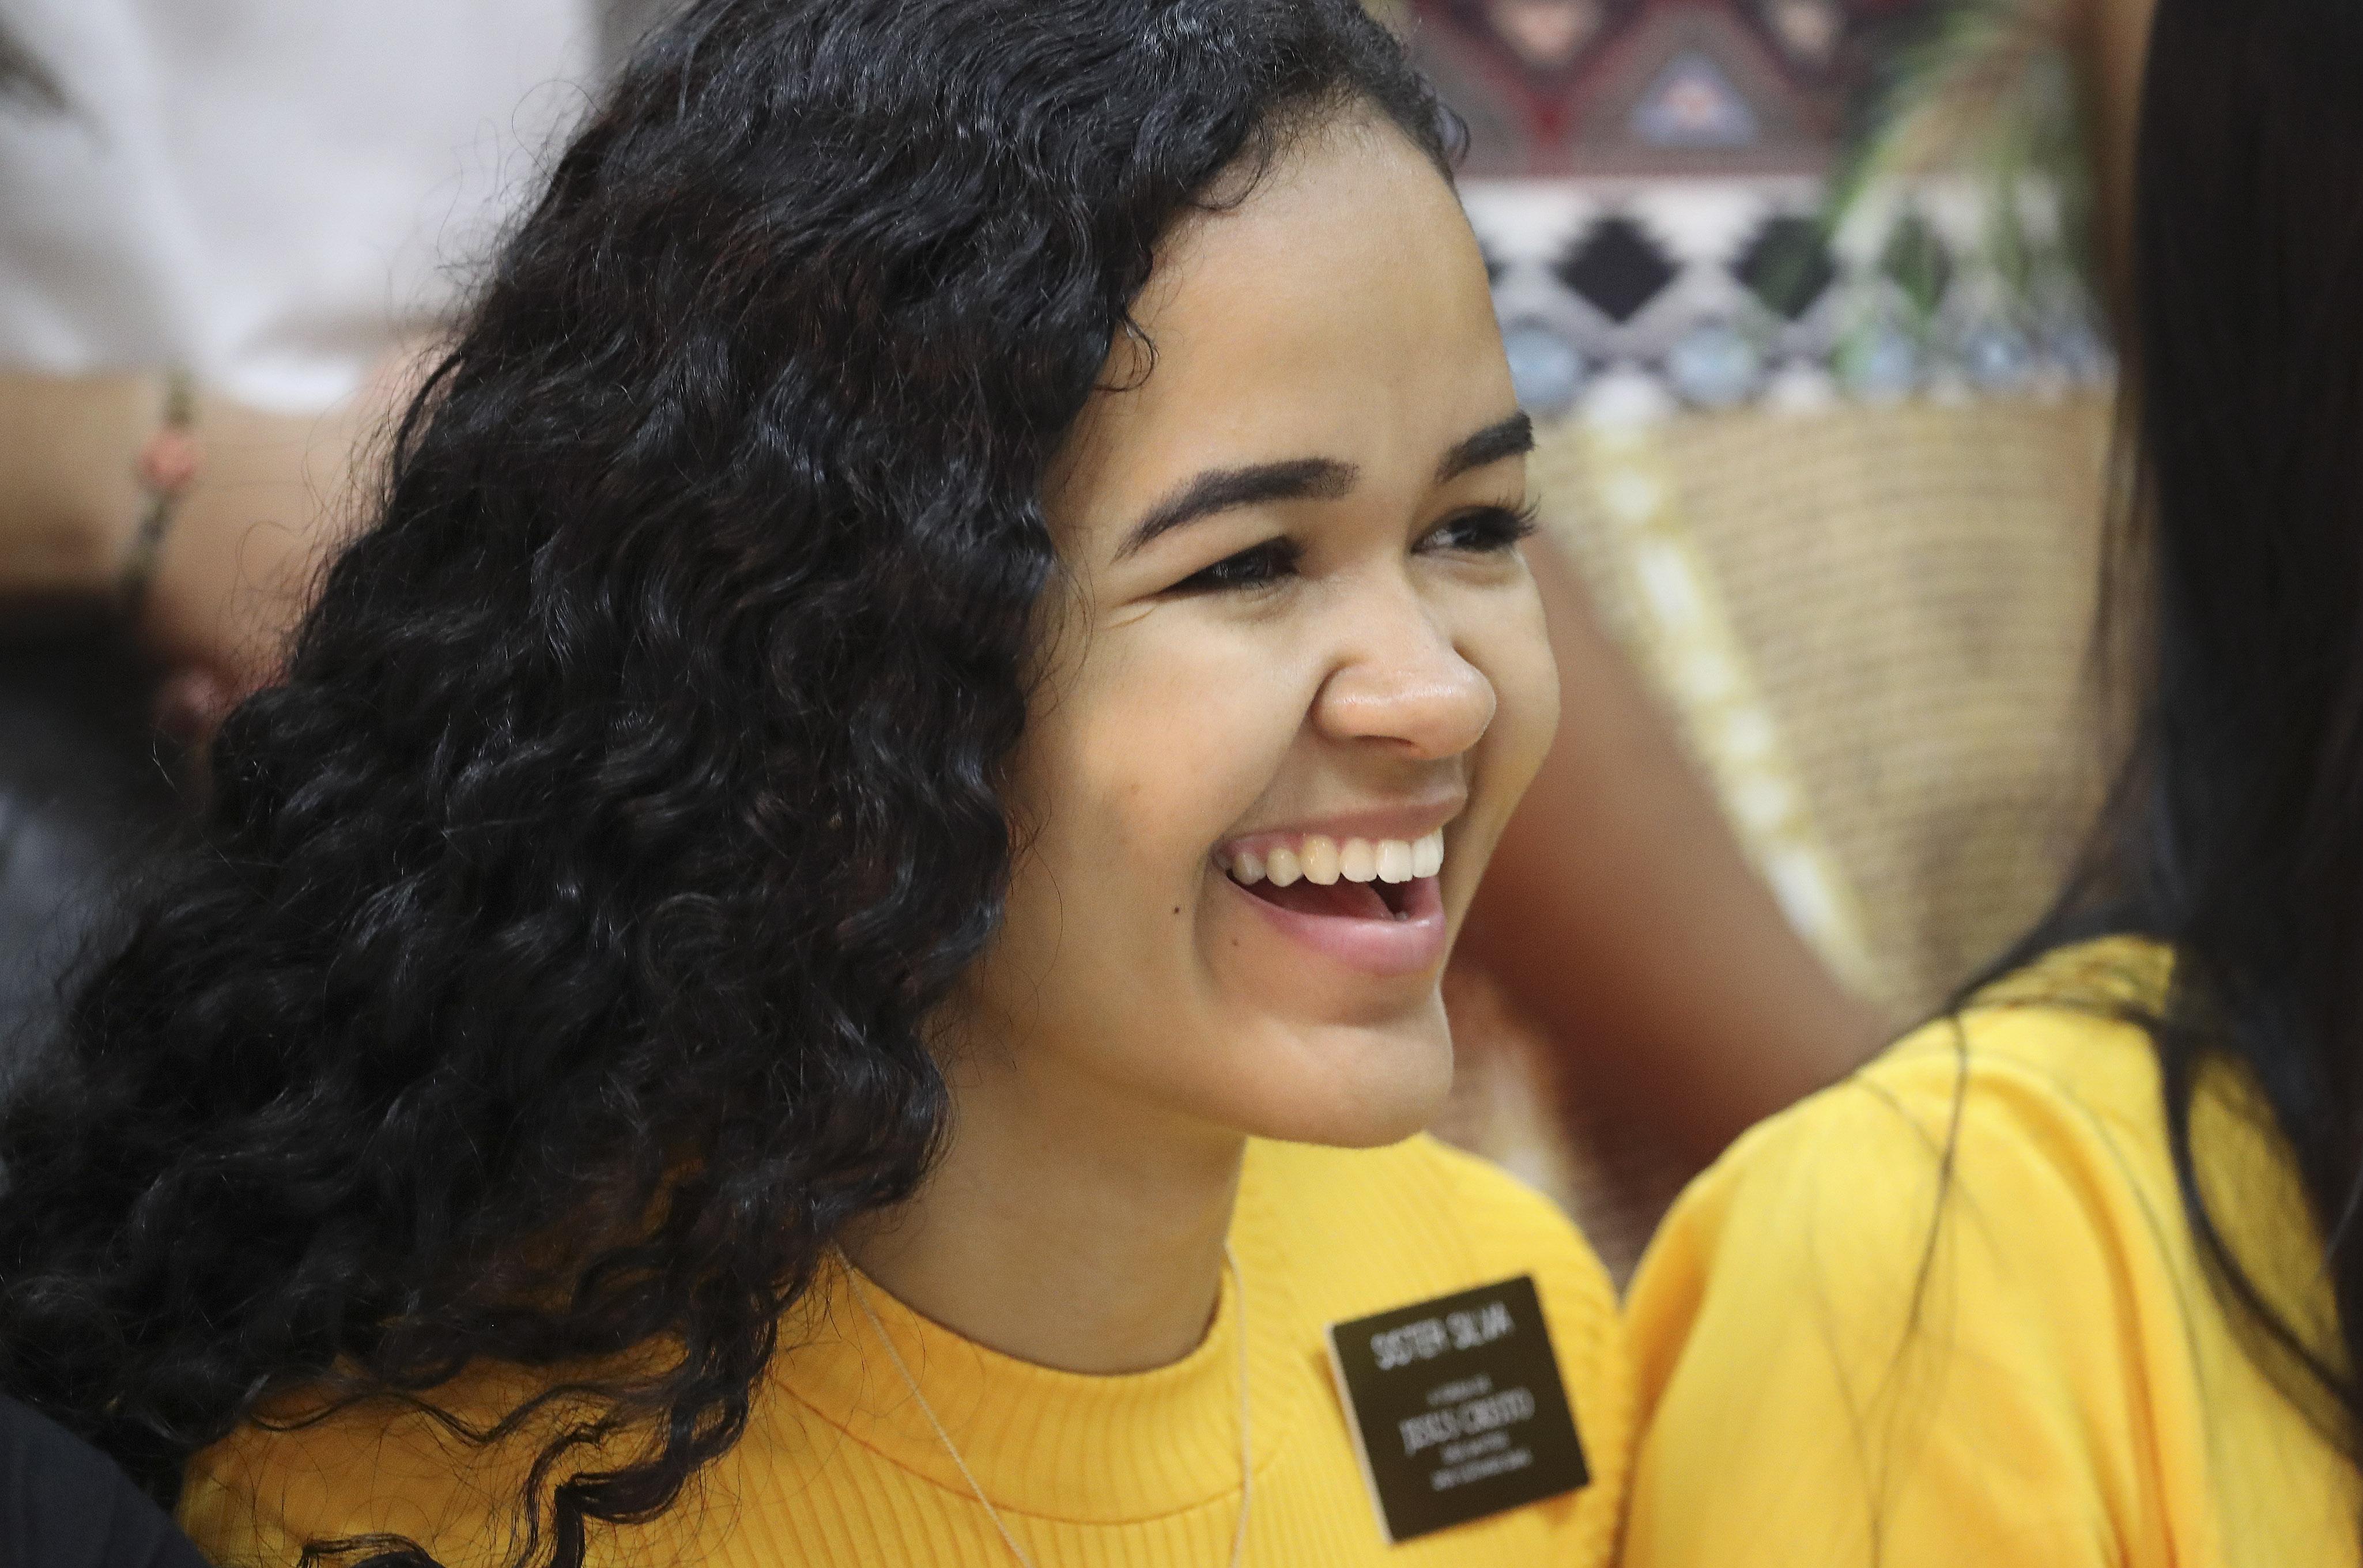 La hermana Josilane Silva sonríe mientras espera al presidente Russell M. Nelson, de La Iglesia de Jesucristo de los Santos de los Últimos Días, durante una reunión con los misioneros en Brasilia, Brasil, el viernes, 30 de agosto de 2019.